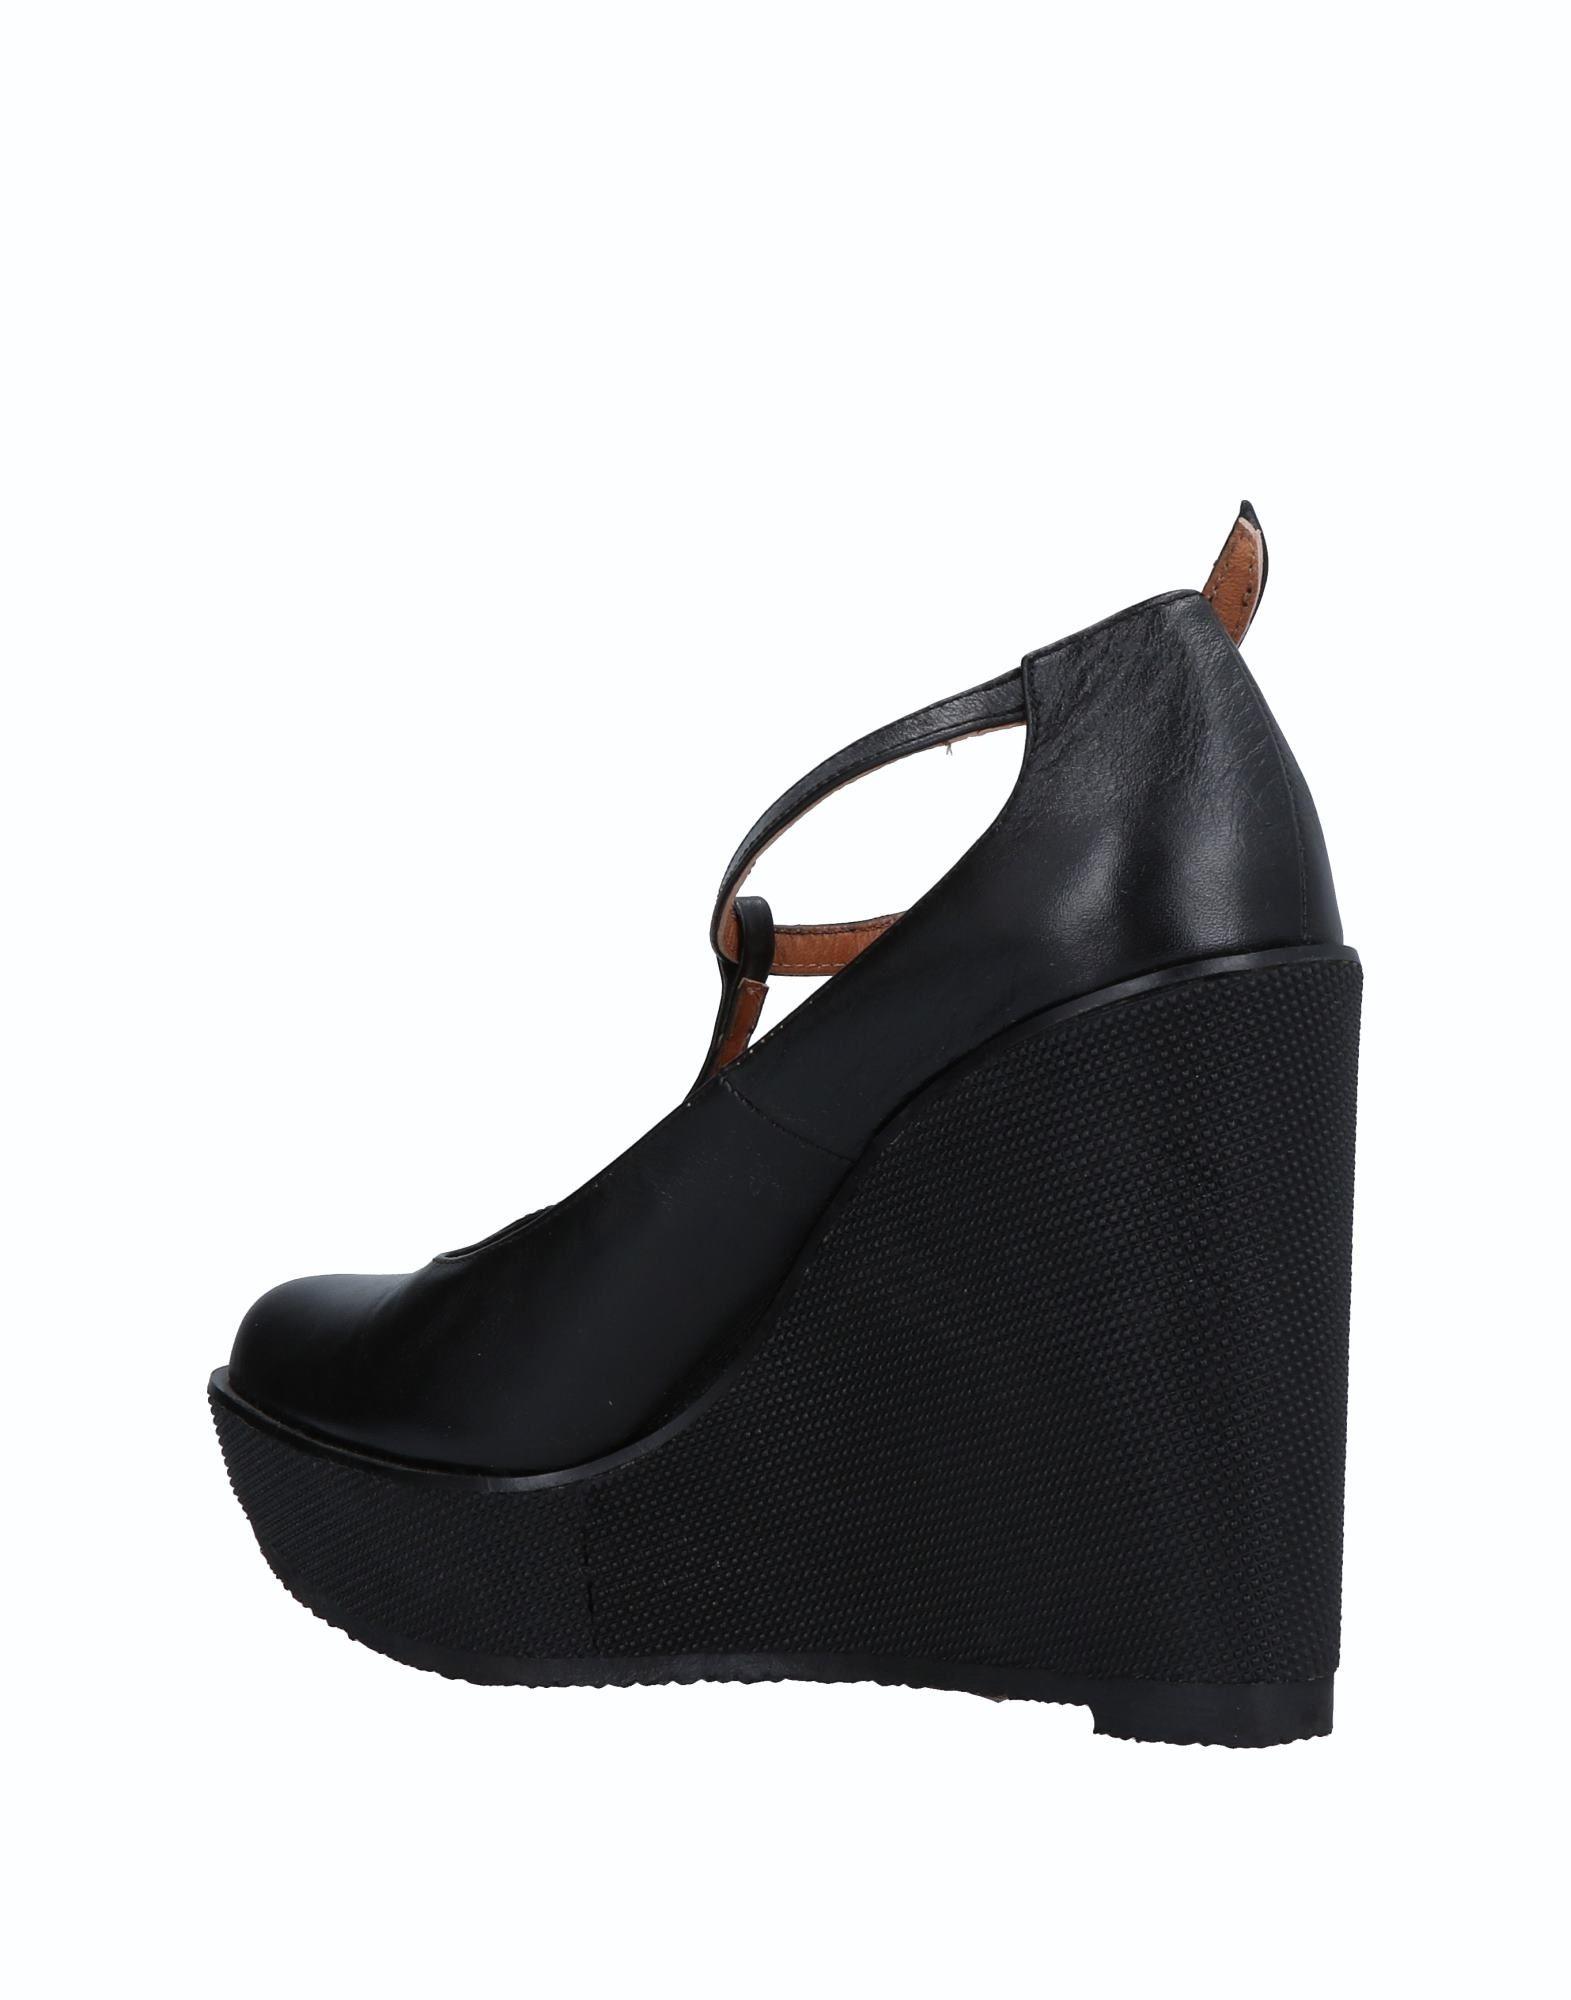 Ras Pumps Pumps Pumps Damen  11506521QX Gute Qualität beliebte Schuhe 777935